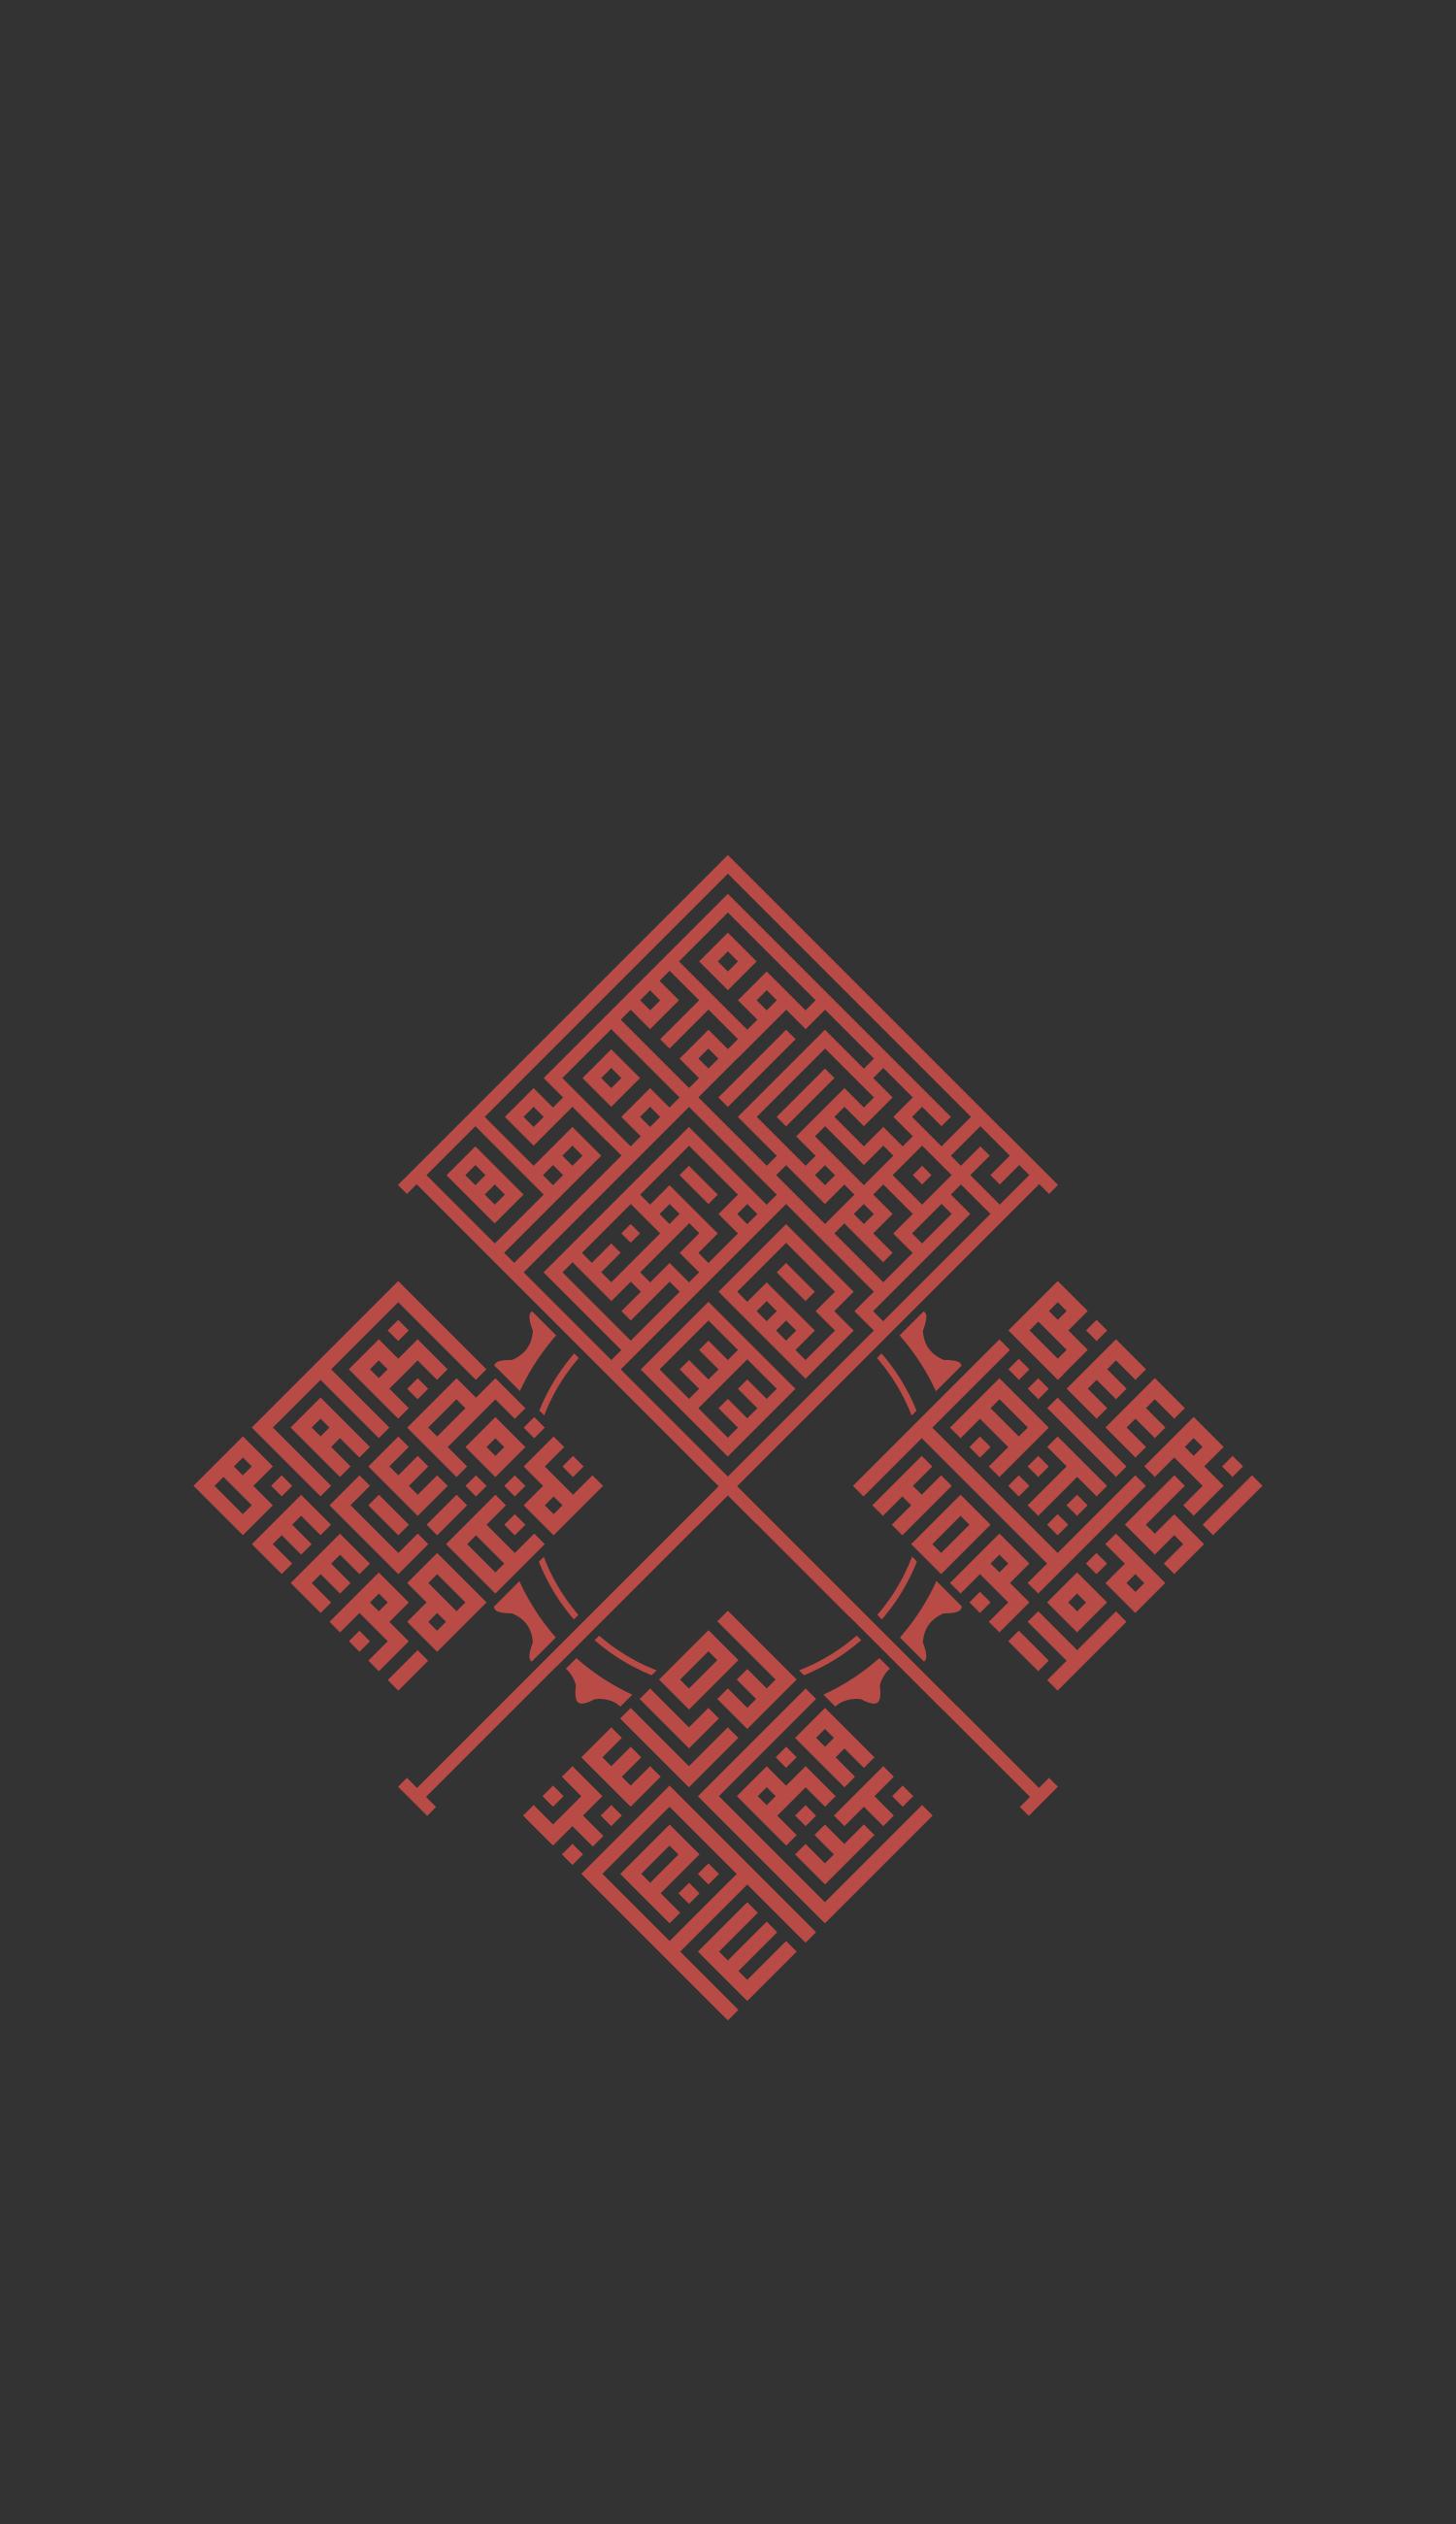 ocbr-vol2_wallpaper